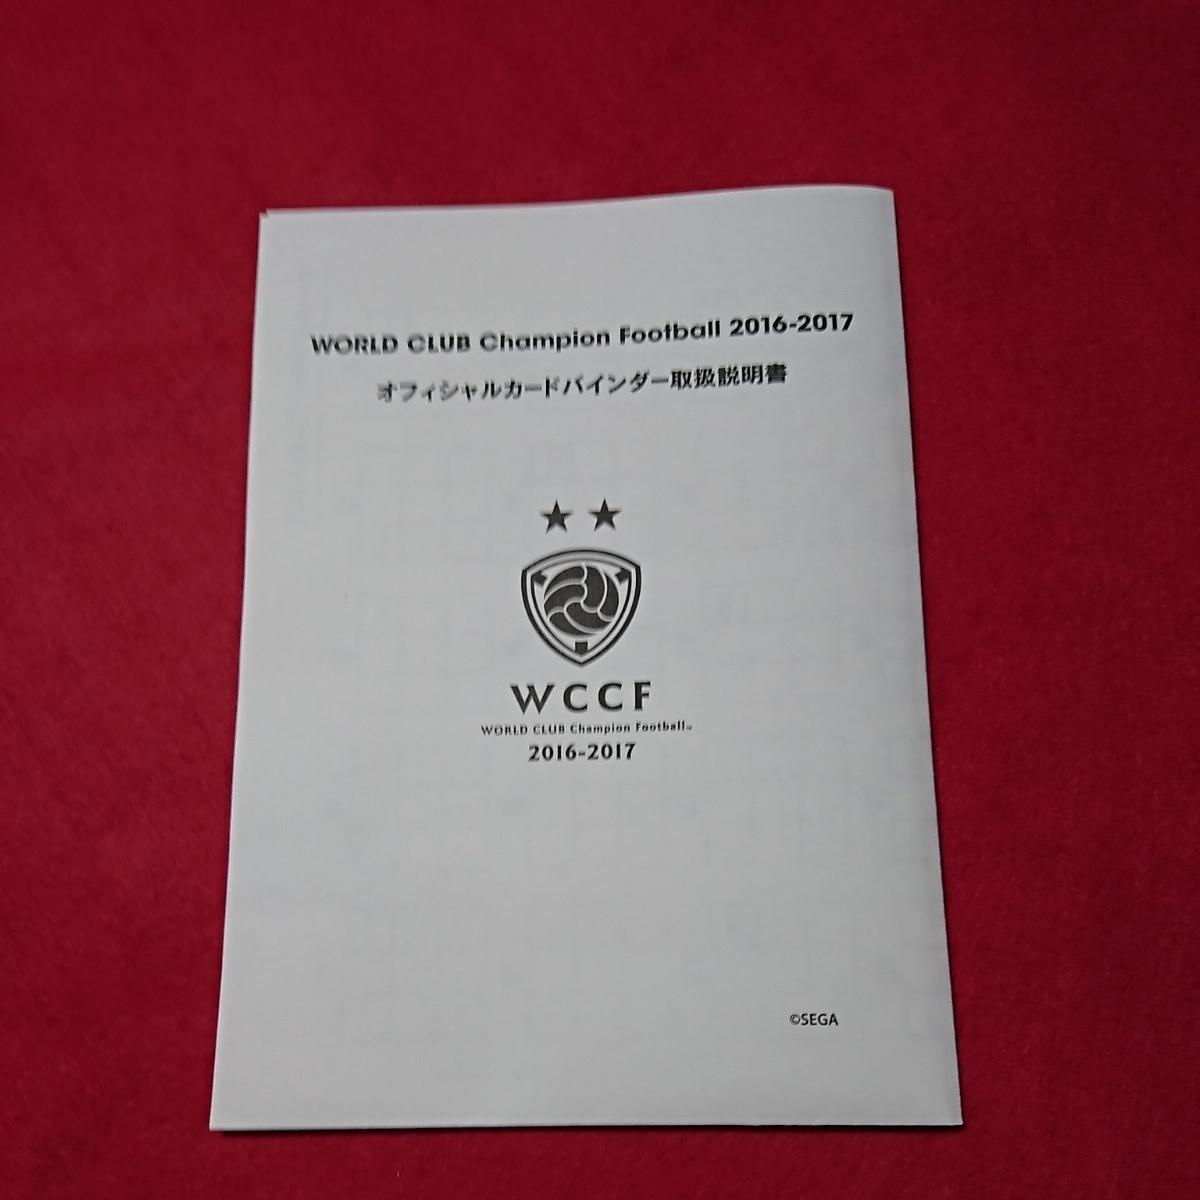 16-17 WCCF オフィシャルカードバインダー 白・黒コンプ 2016-2017 パロワ サントン_画像5